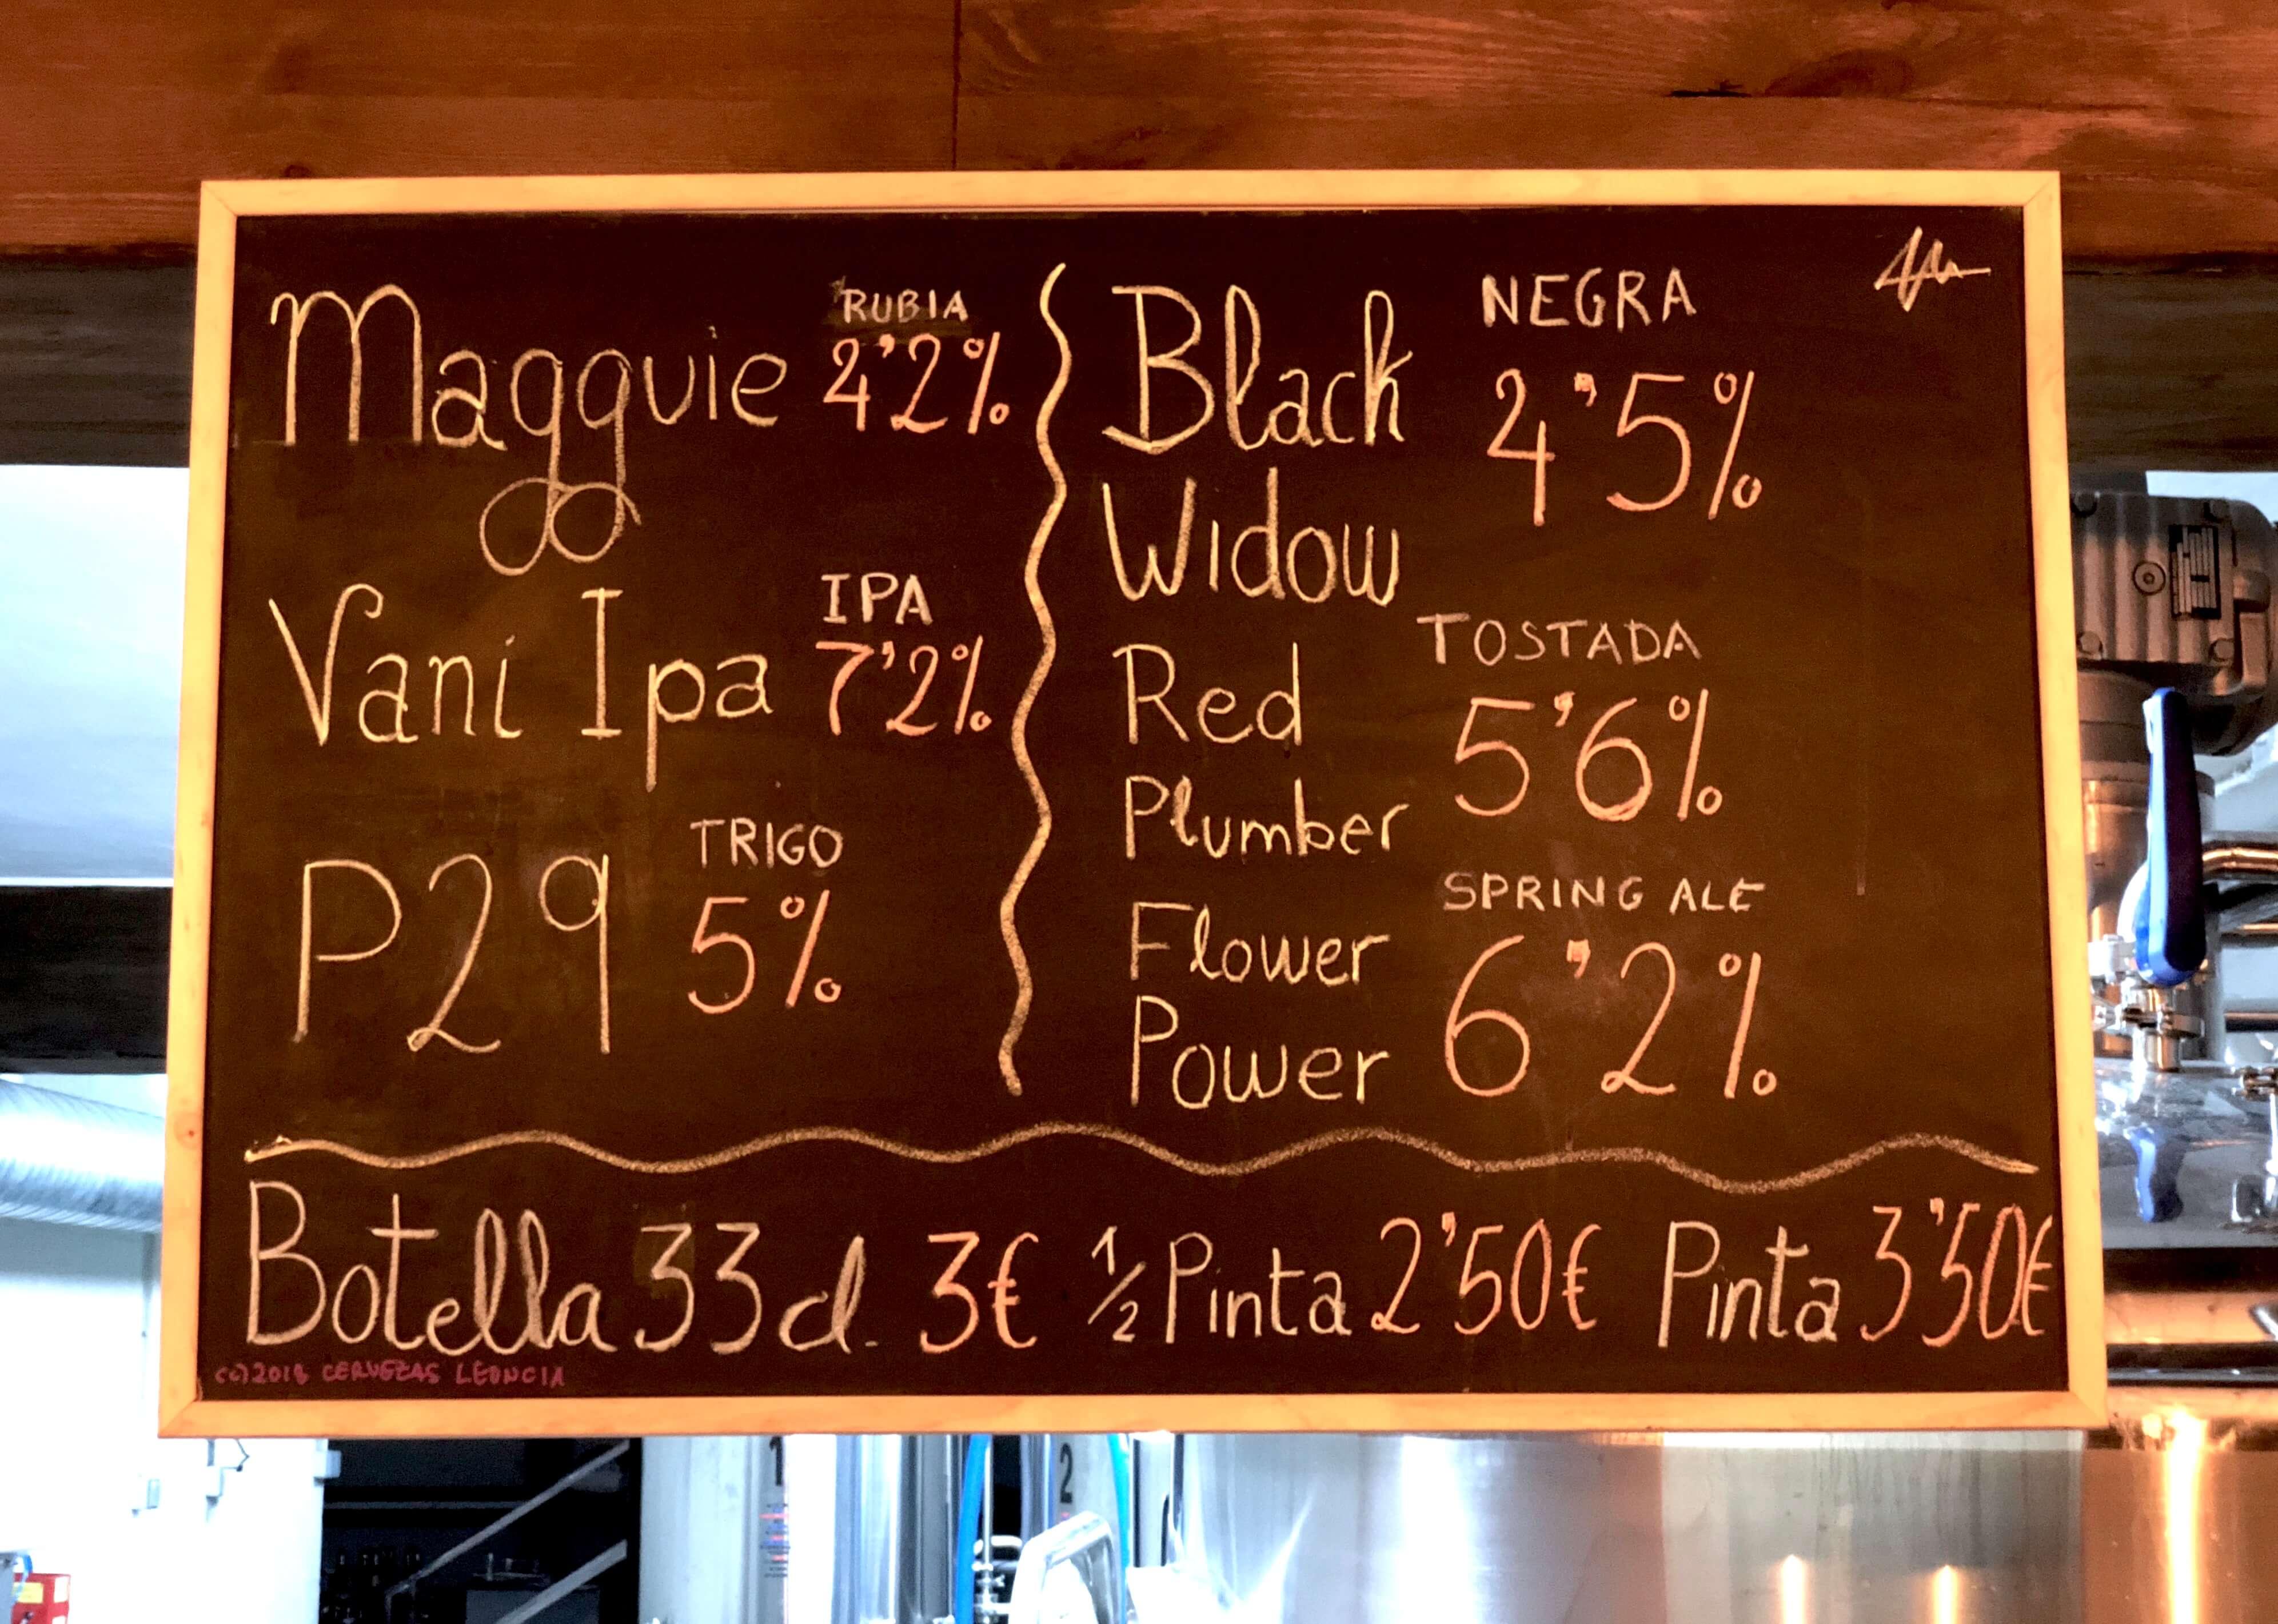 Detalle de los precios de Precios las cervezas artesanas Leoncia en la Fábrica del Polígono P29 de Collado Villalba.